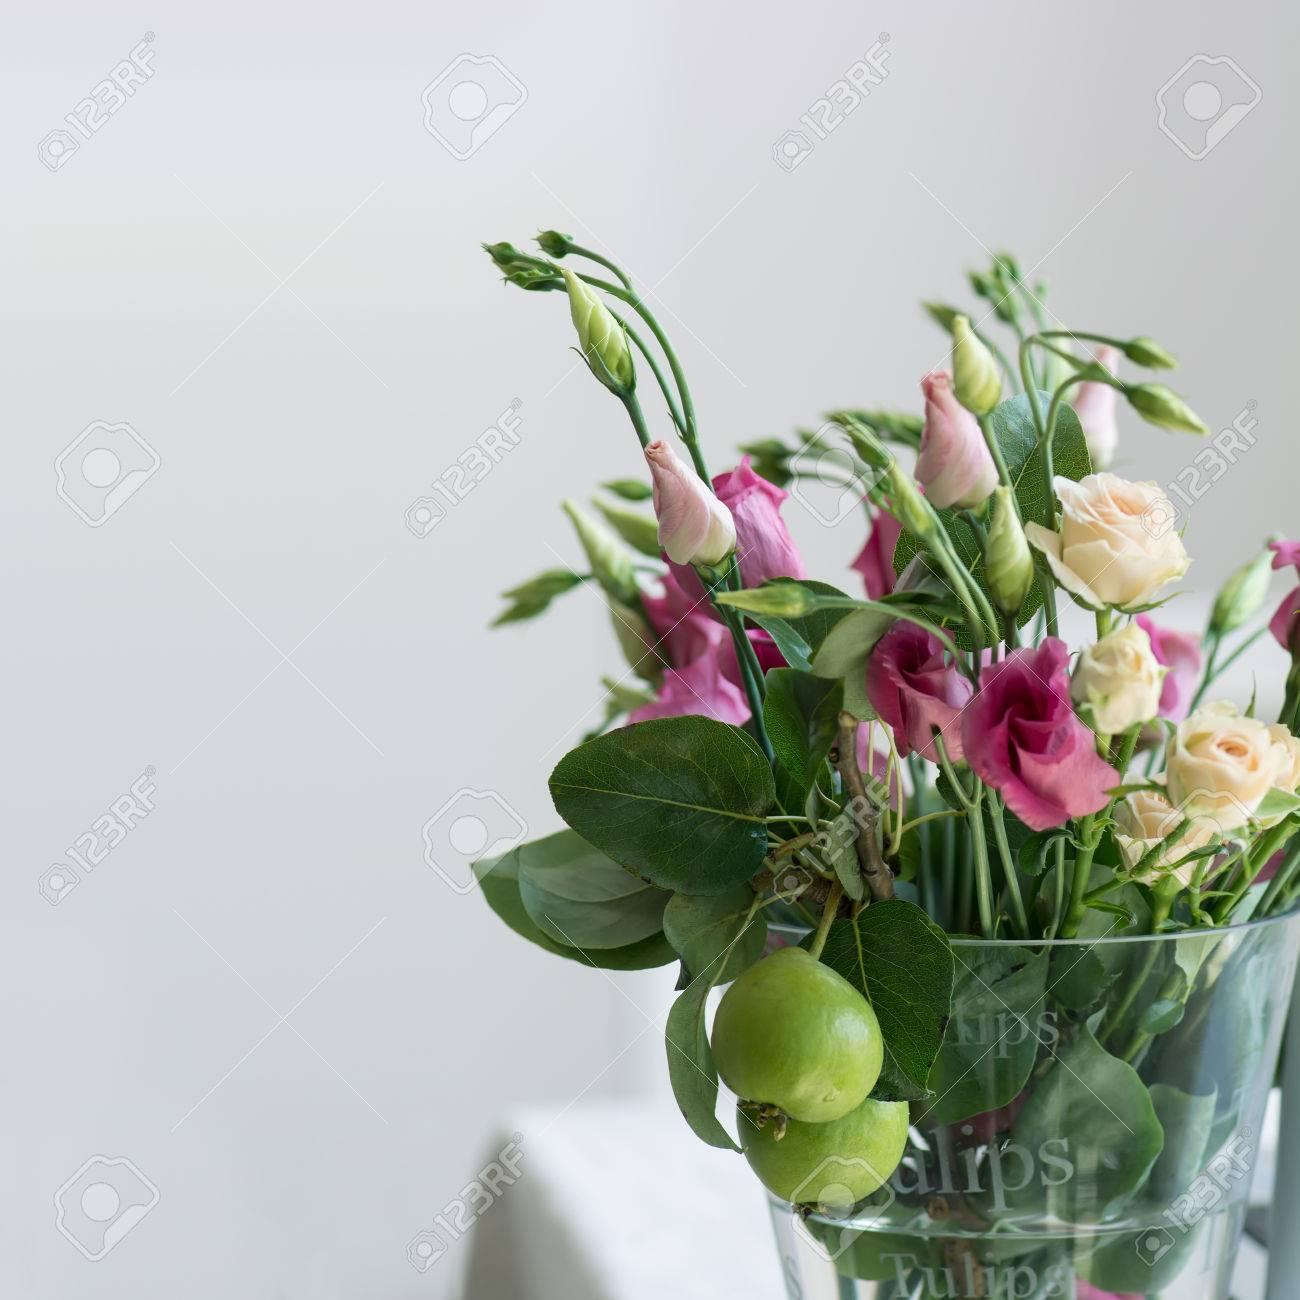 Fiori Bianchi In Vaso.Immagini Stock Rosa E Fiori Bianchi Lisianthus Mazzo In Un Vaso